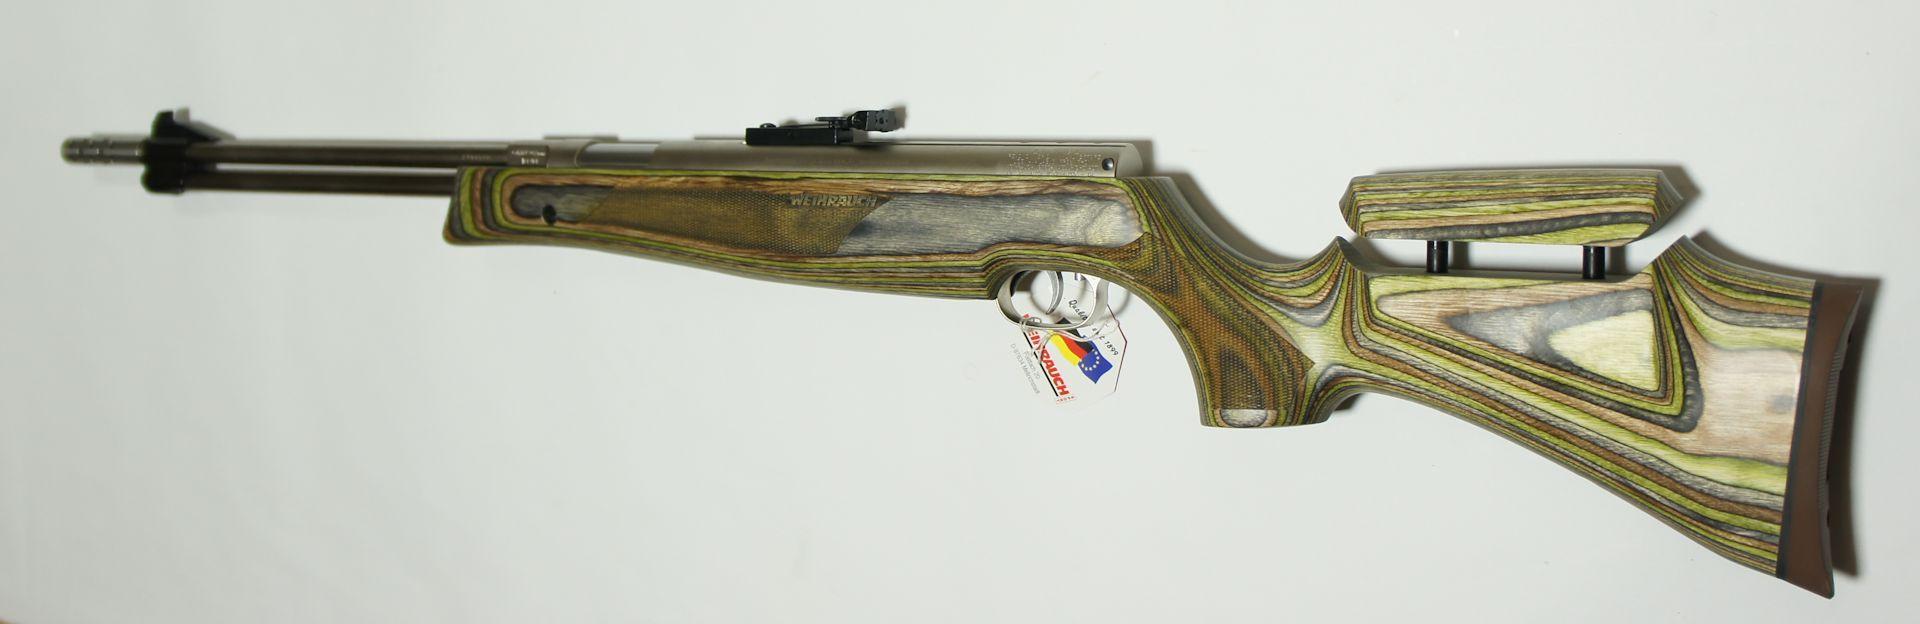 Luftgewehr HW 77 mit Laufgewinde und Komensator im grünen Schichtholzschaft